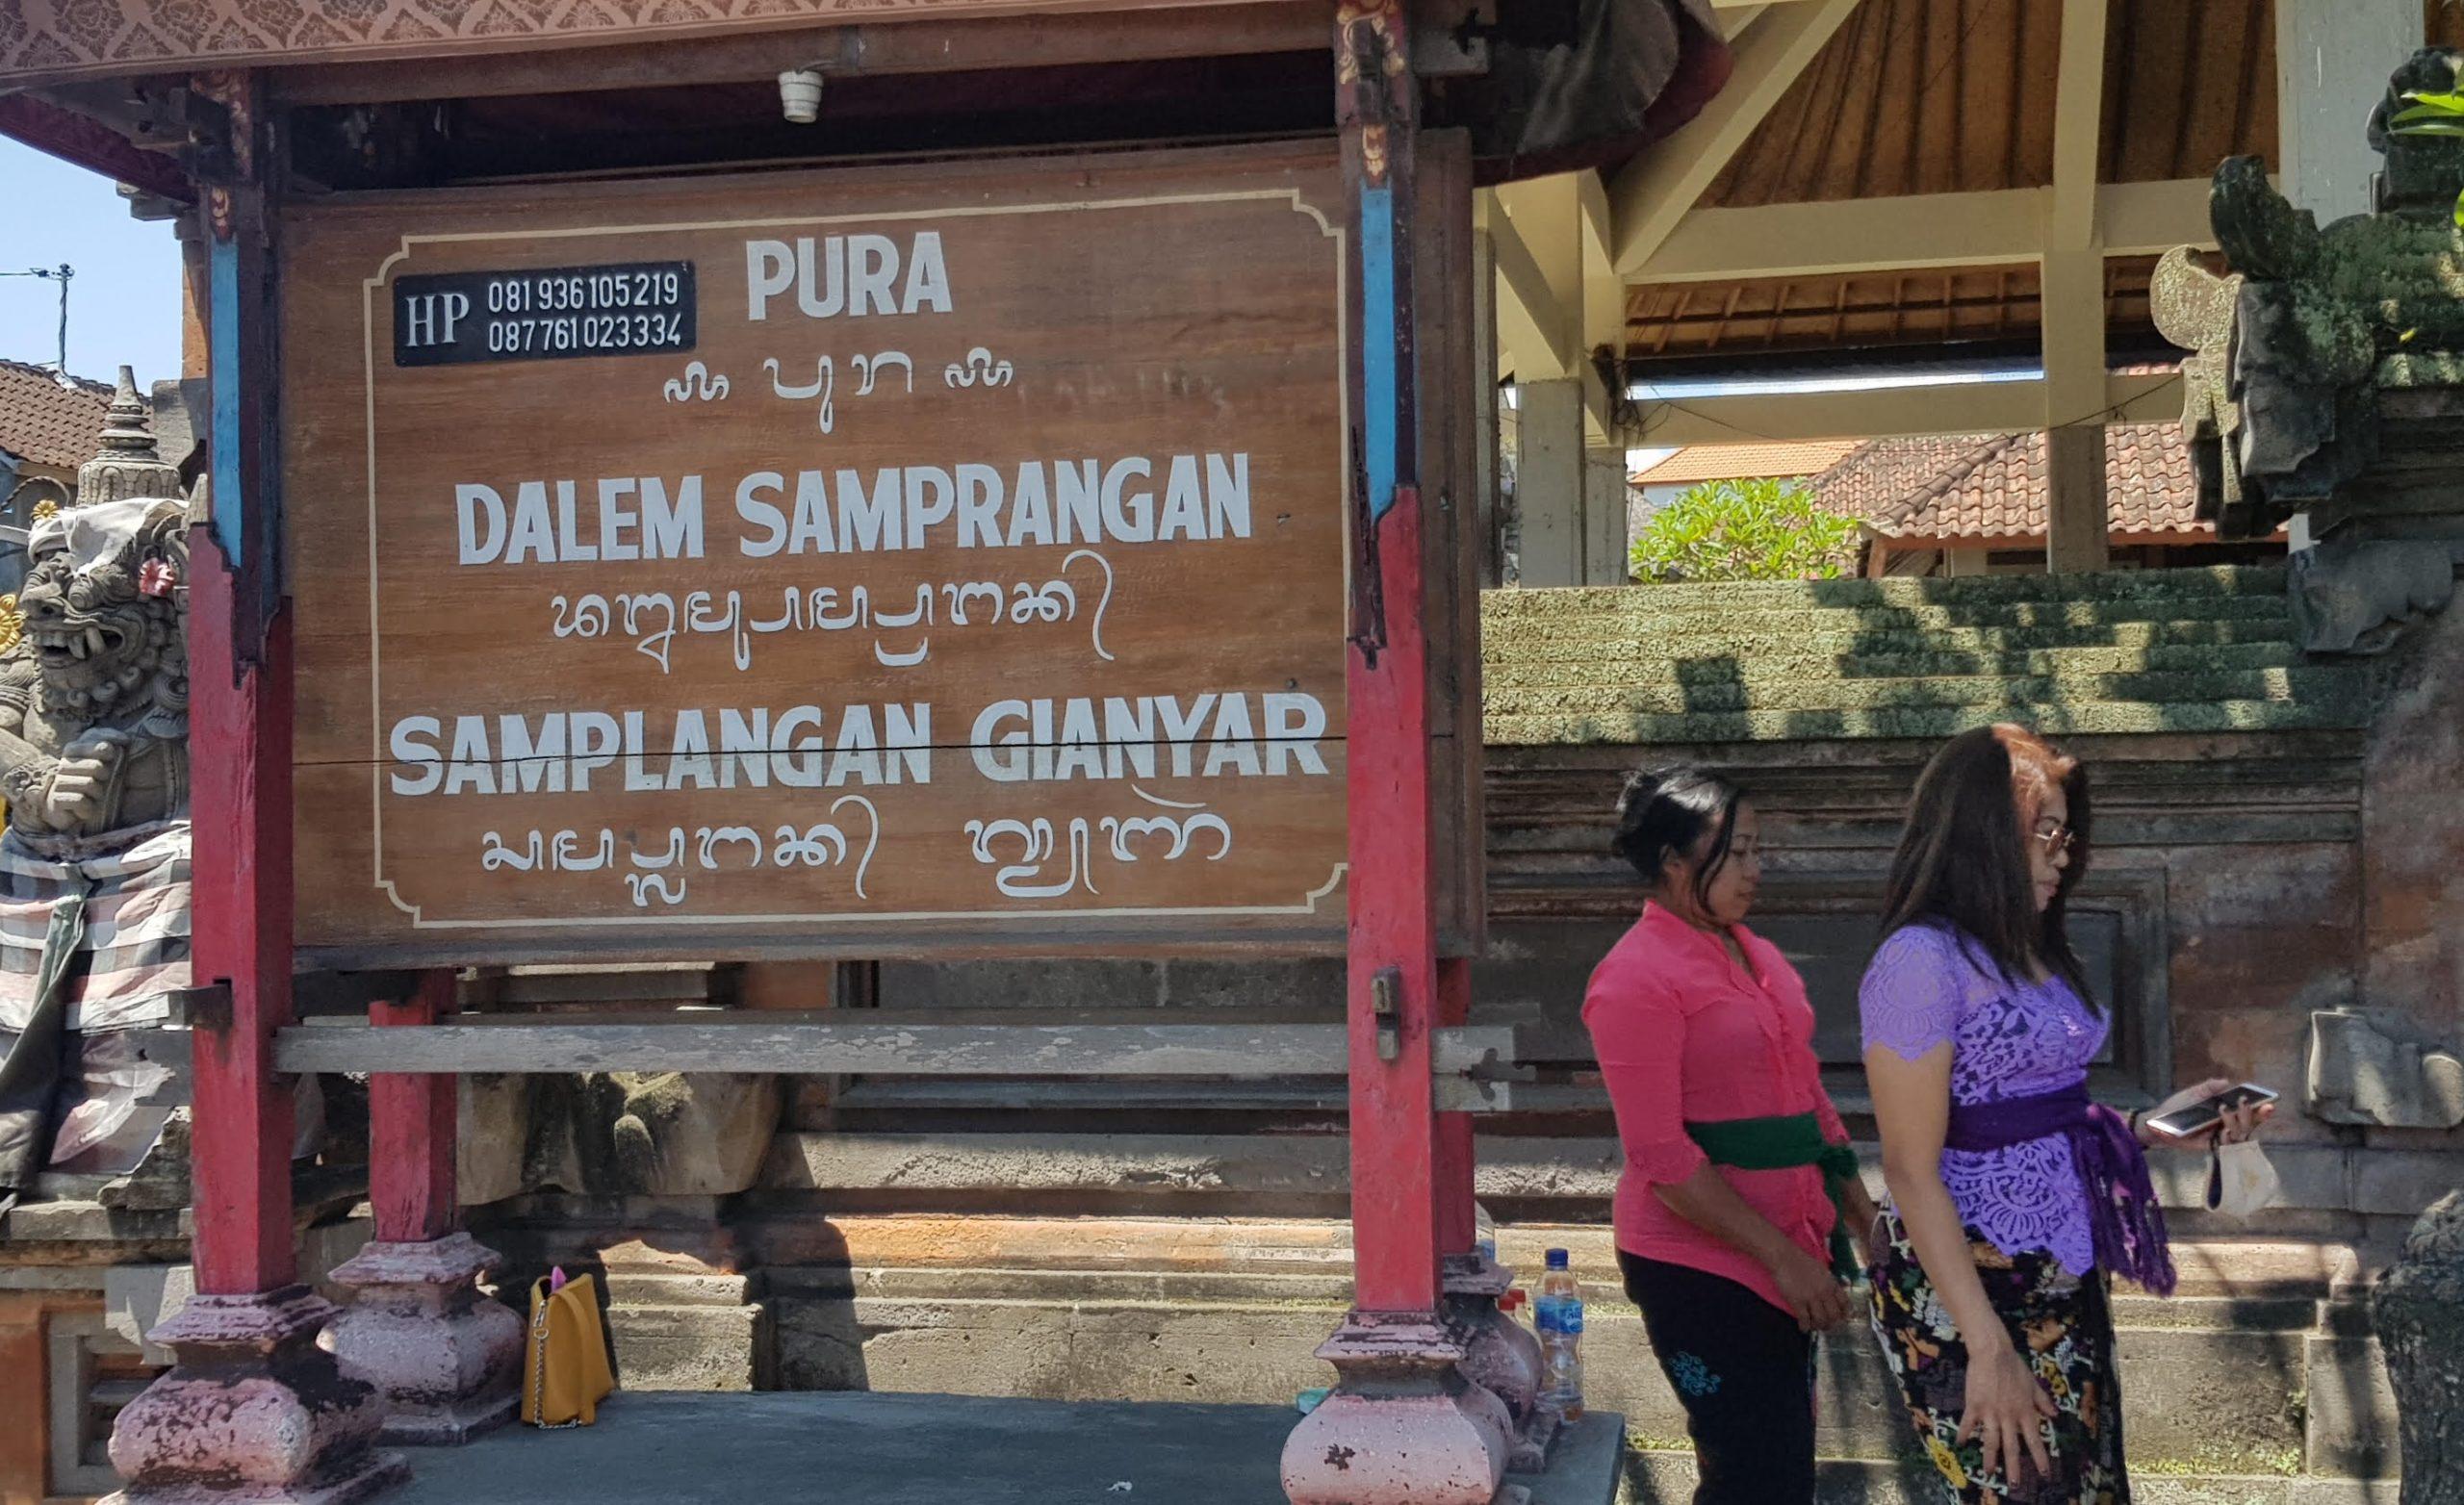 PURA Dalem Samprangan. Foto: adi